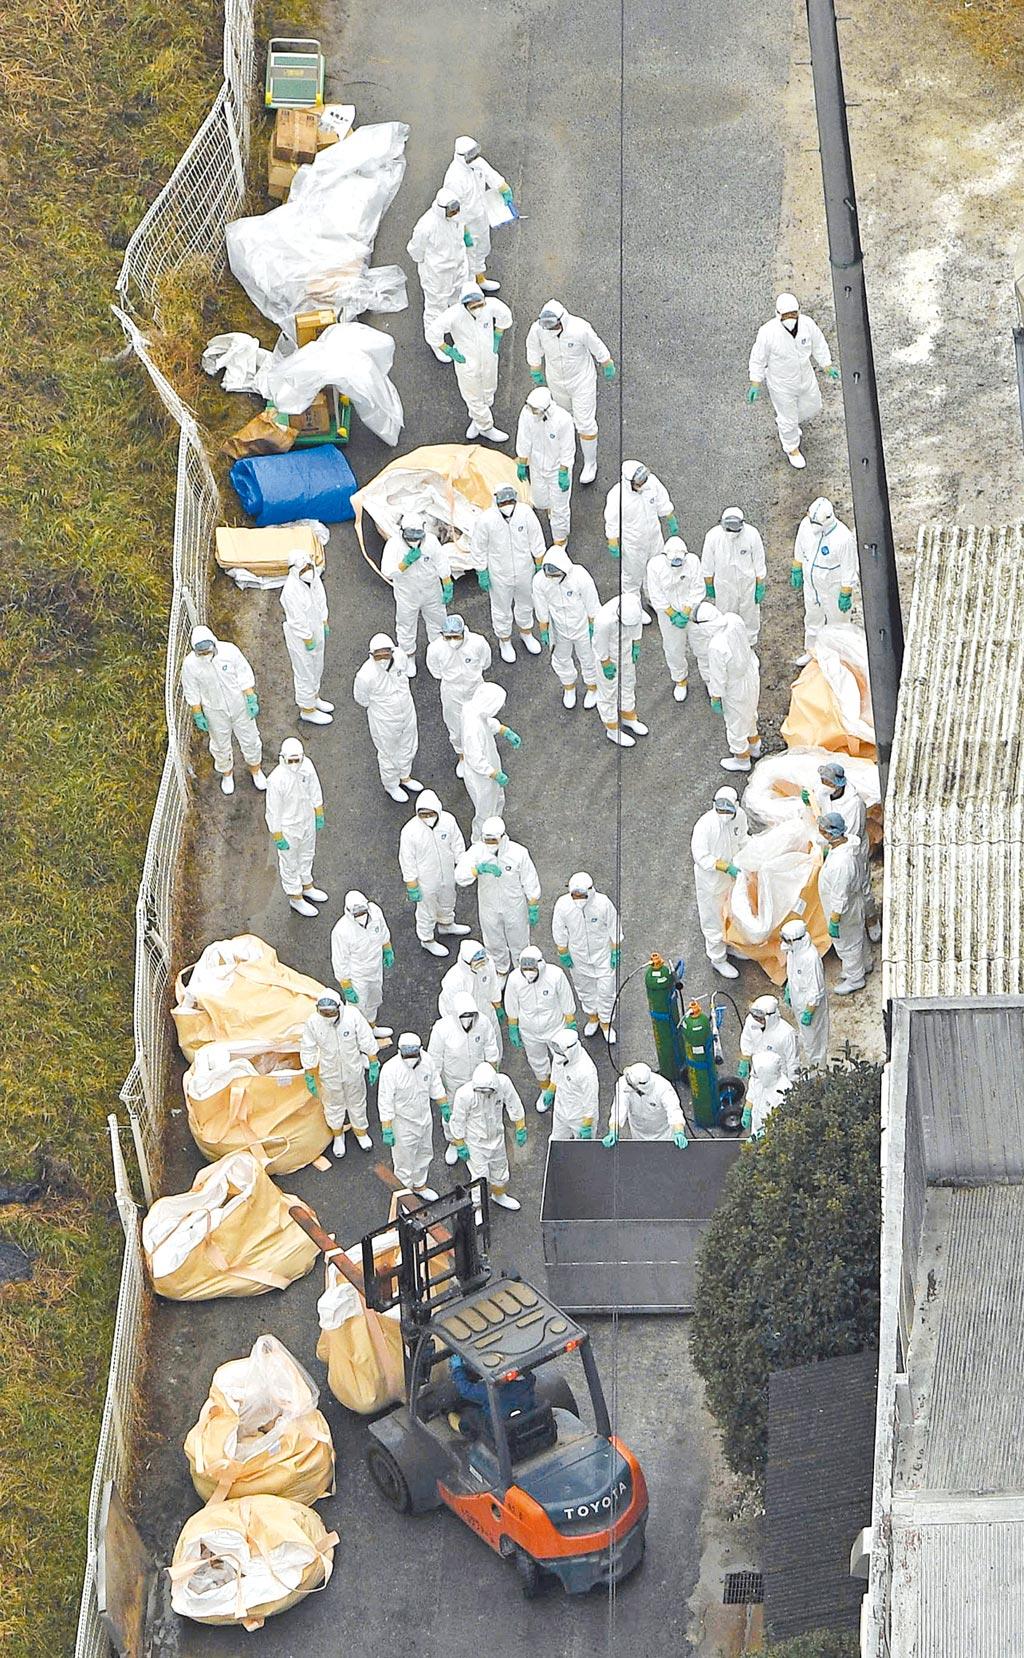 日本豬瘟疫情延燒,工人在養豬場進行隔離。(路透)